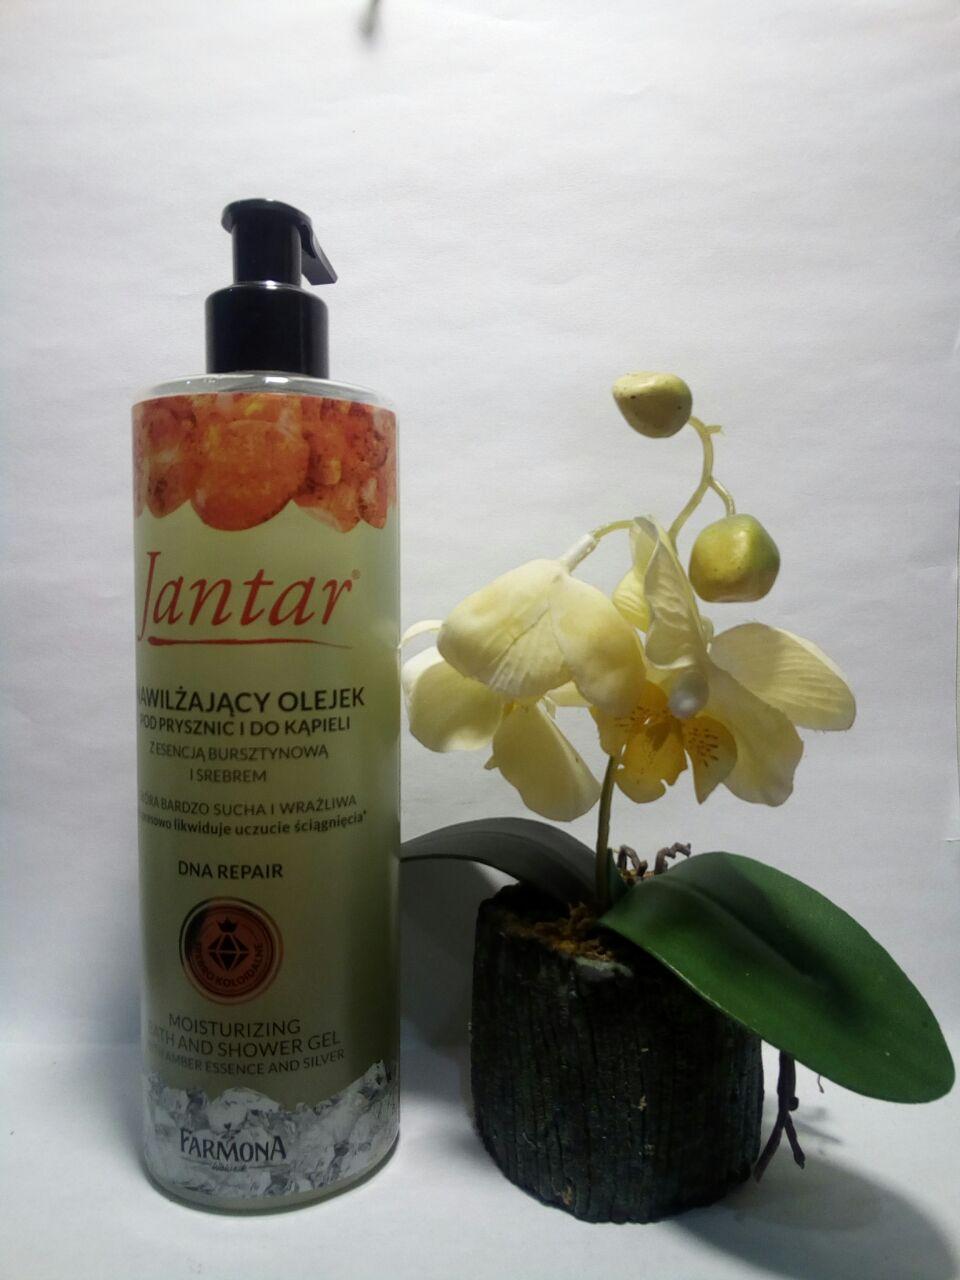 увлажняющий гель-масло для душа Янтарь/Бурштин с серебром. Мицелярная формула масла дает ощущение увлажнения и свежести